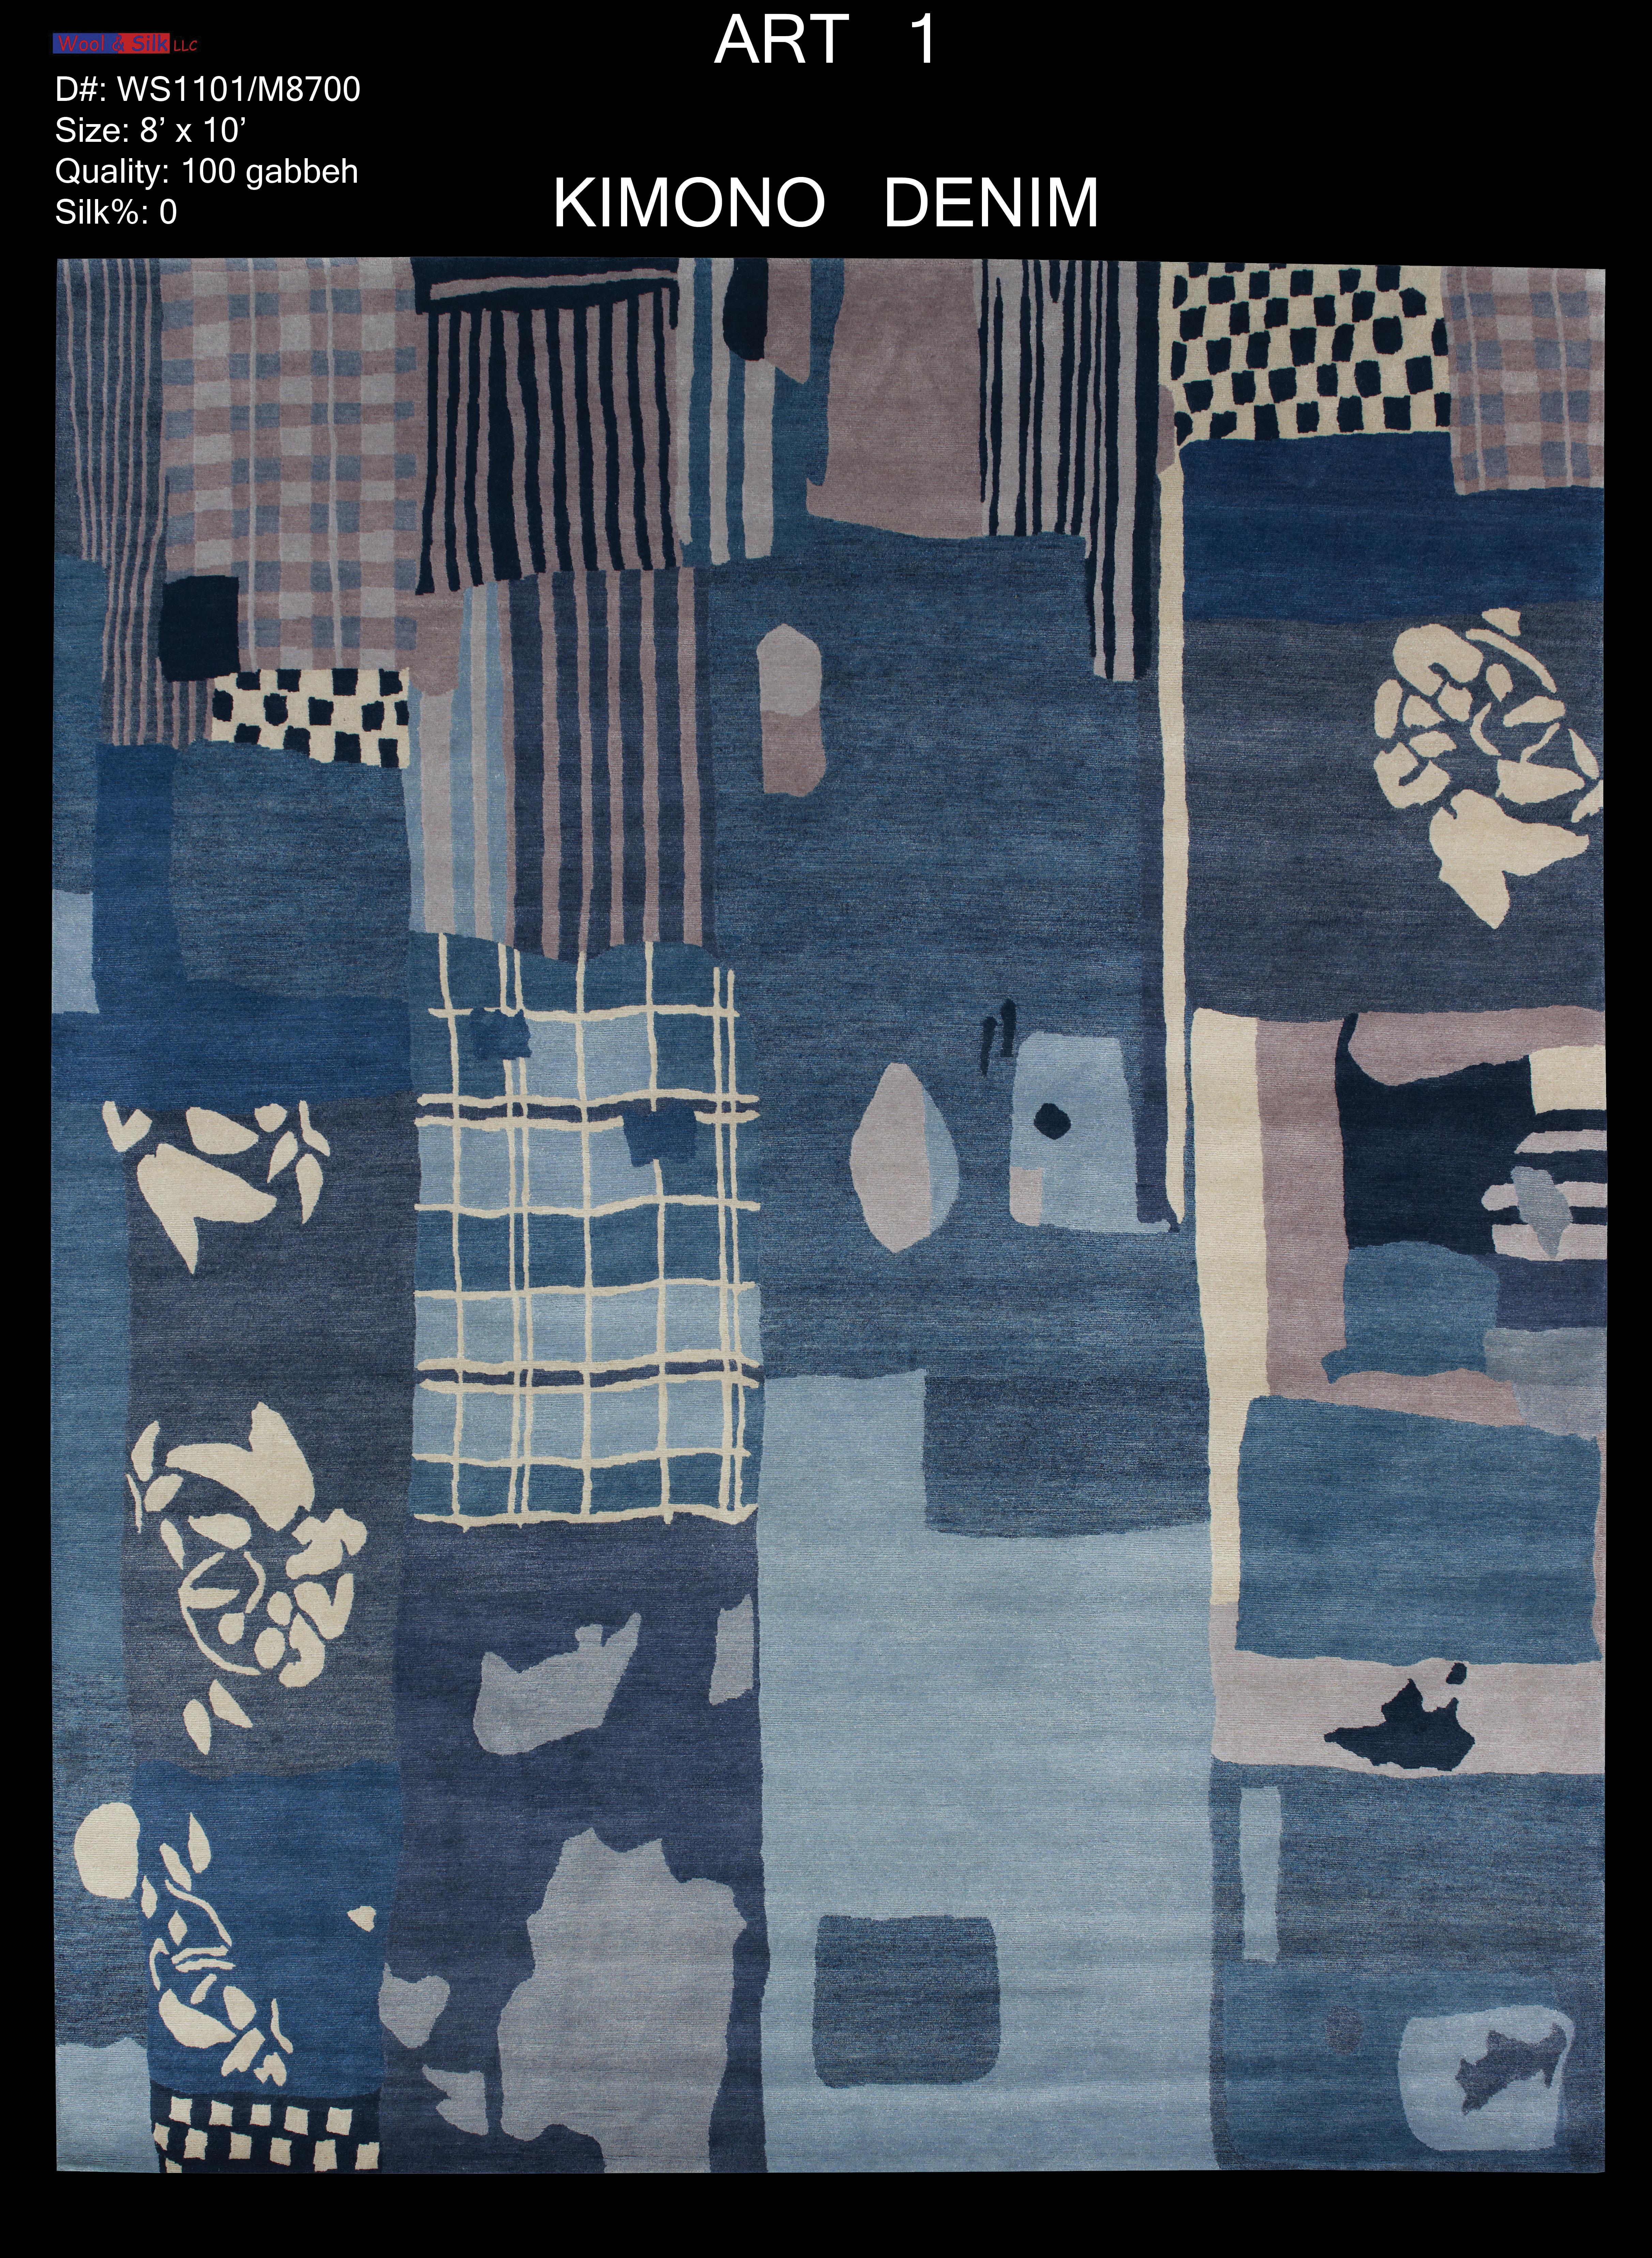 Kimono-Denim(WS1101-M8700) 8'x10'